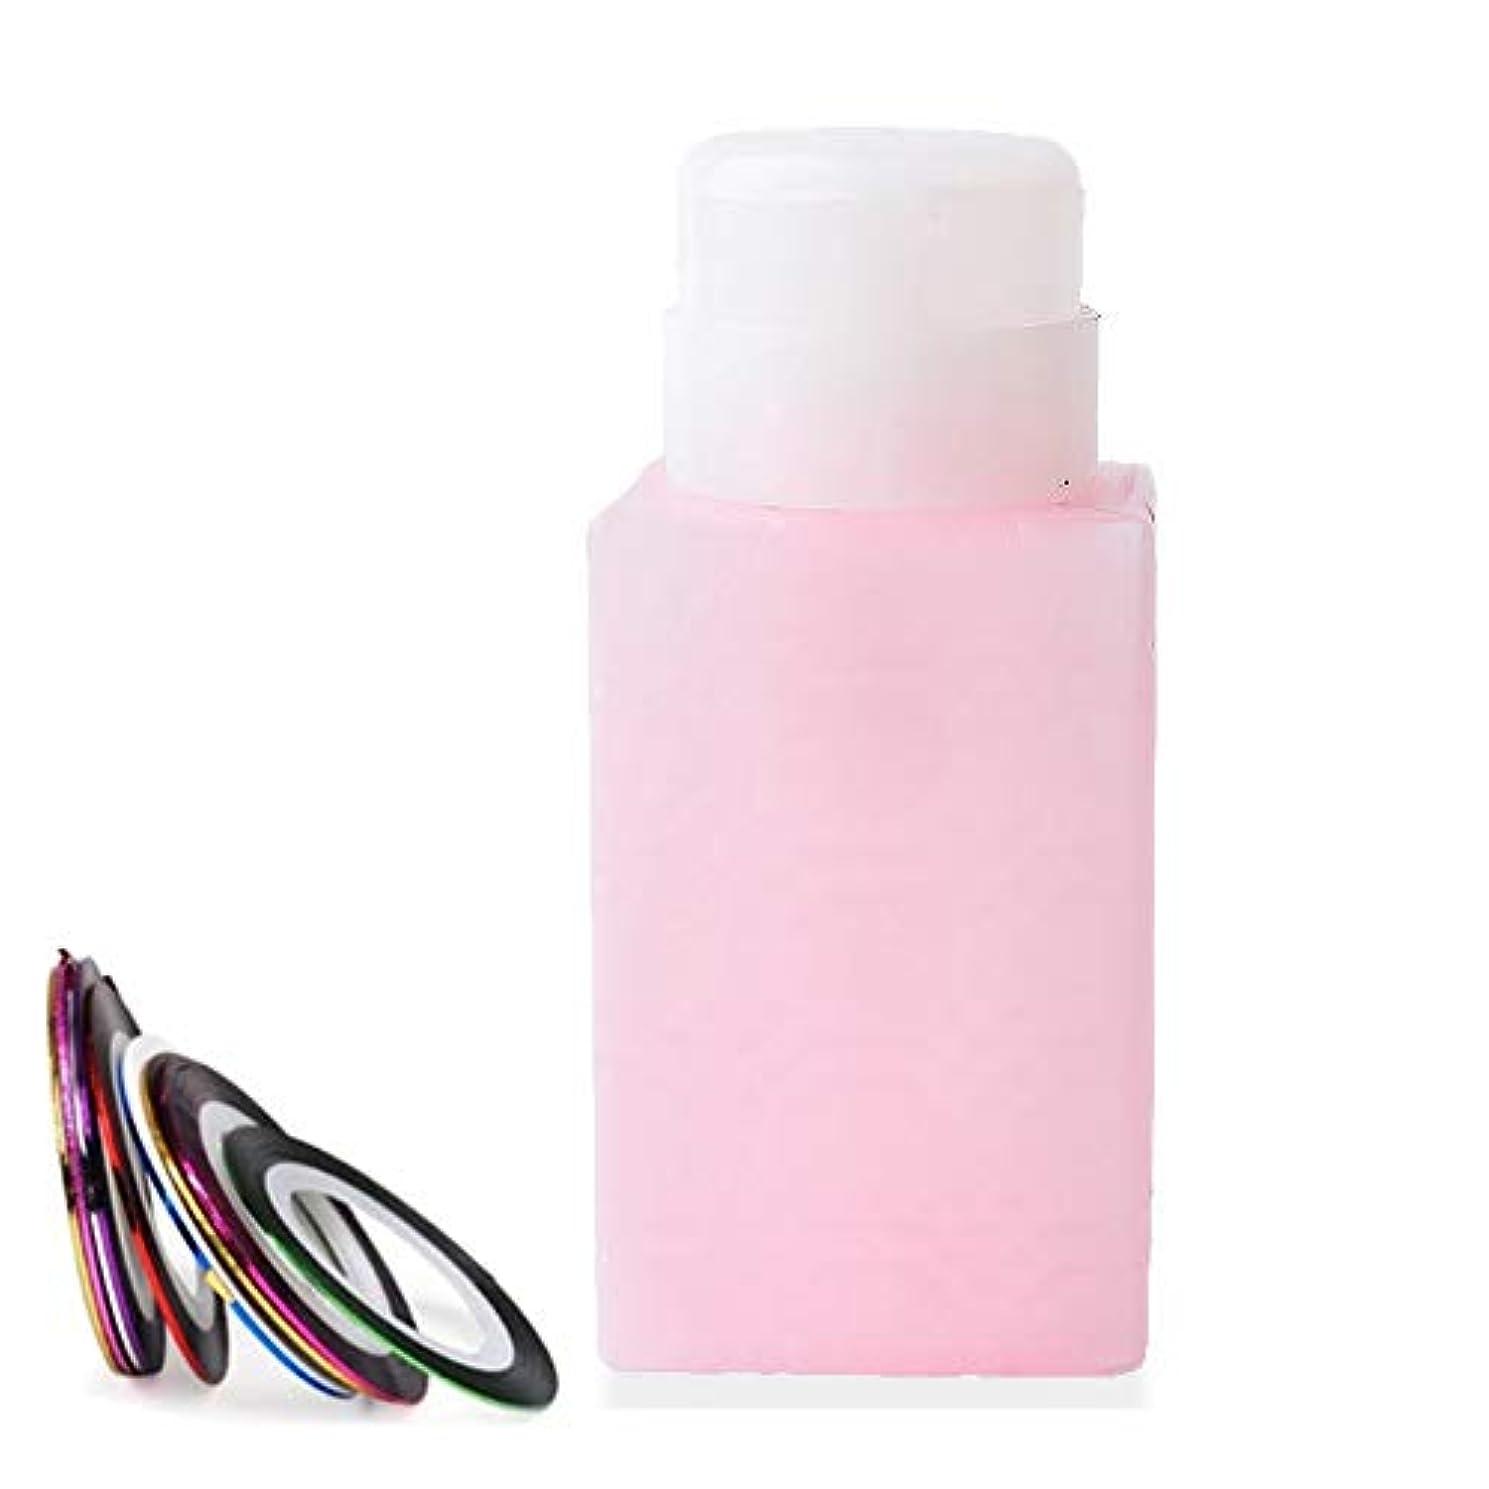 粘性のいつでもピアース空ポンプボトル ポンプディスペンサー ネイルワイプ瓶 ジュルクリーナー ジュルリムーバー 可愛い (ピンク)